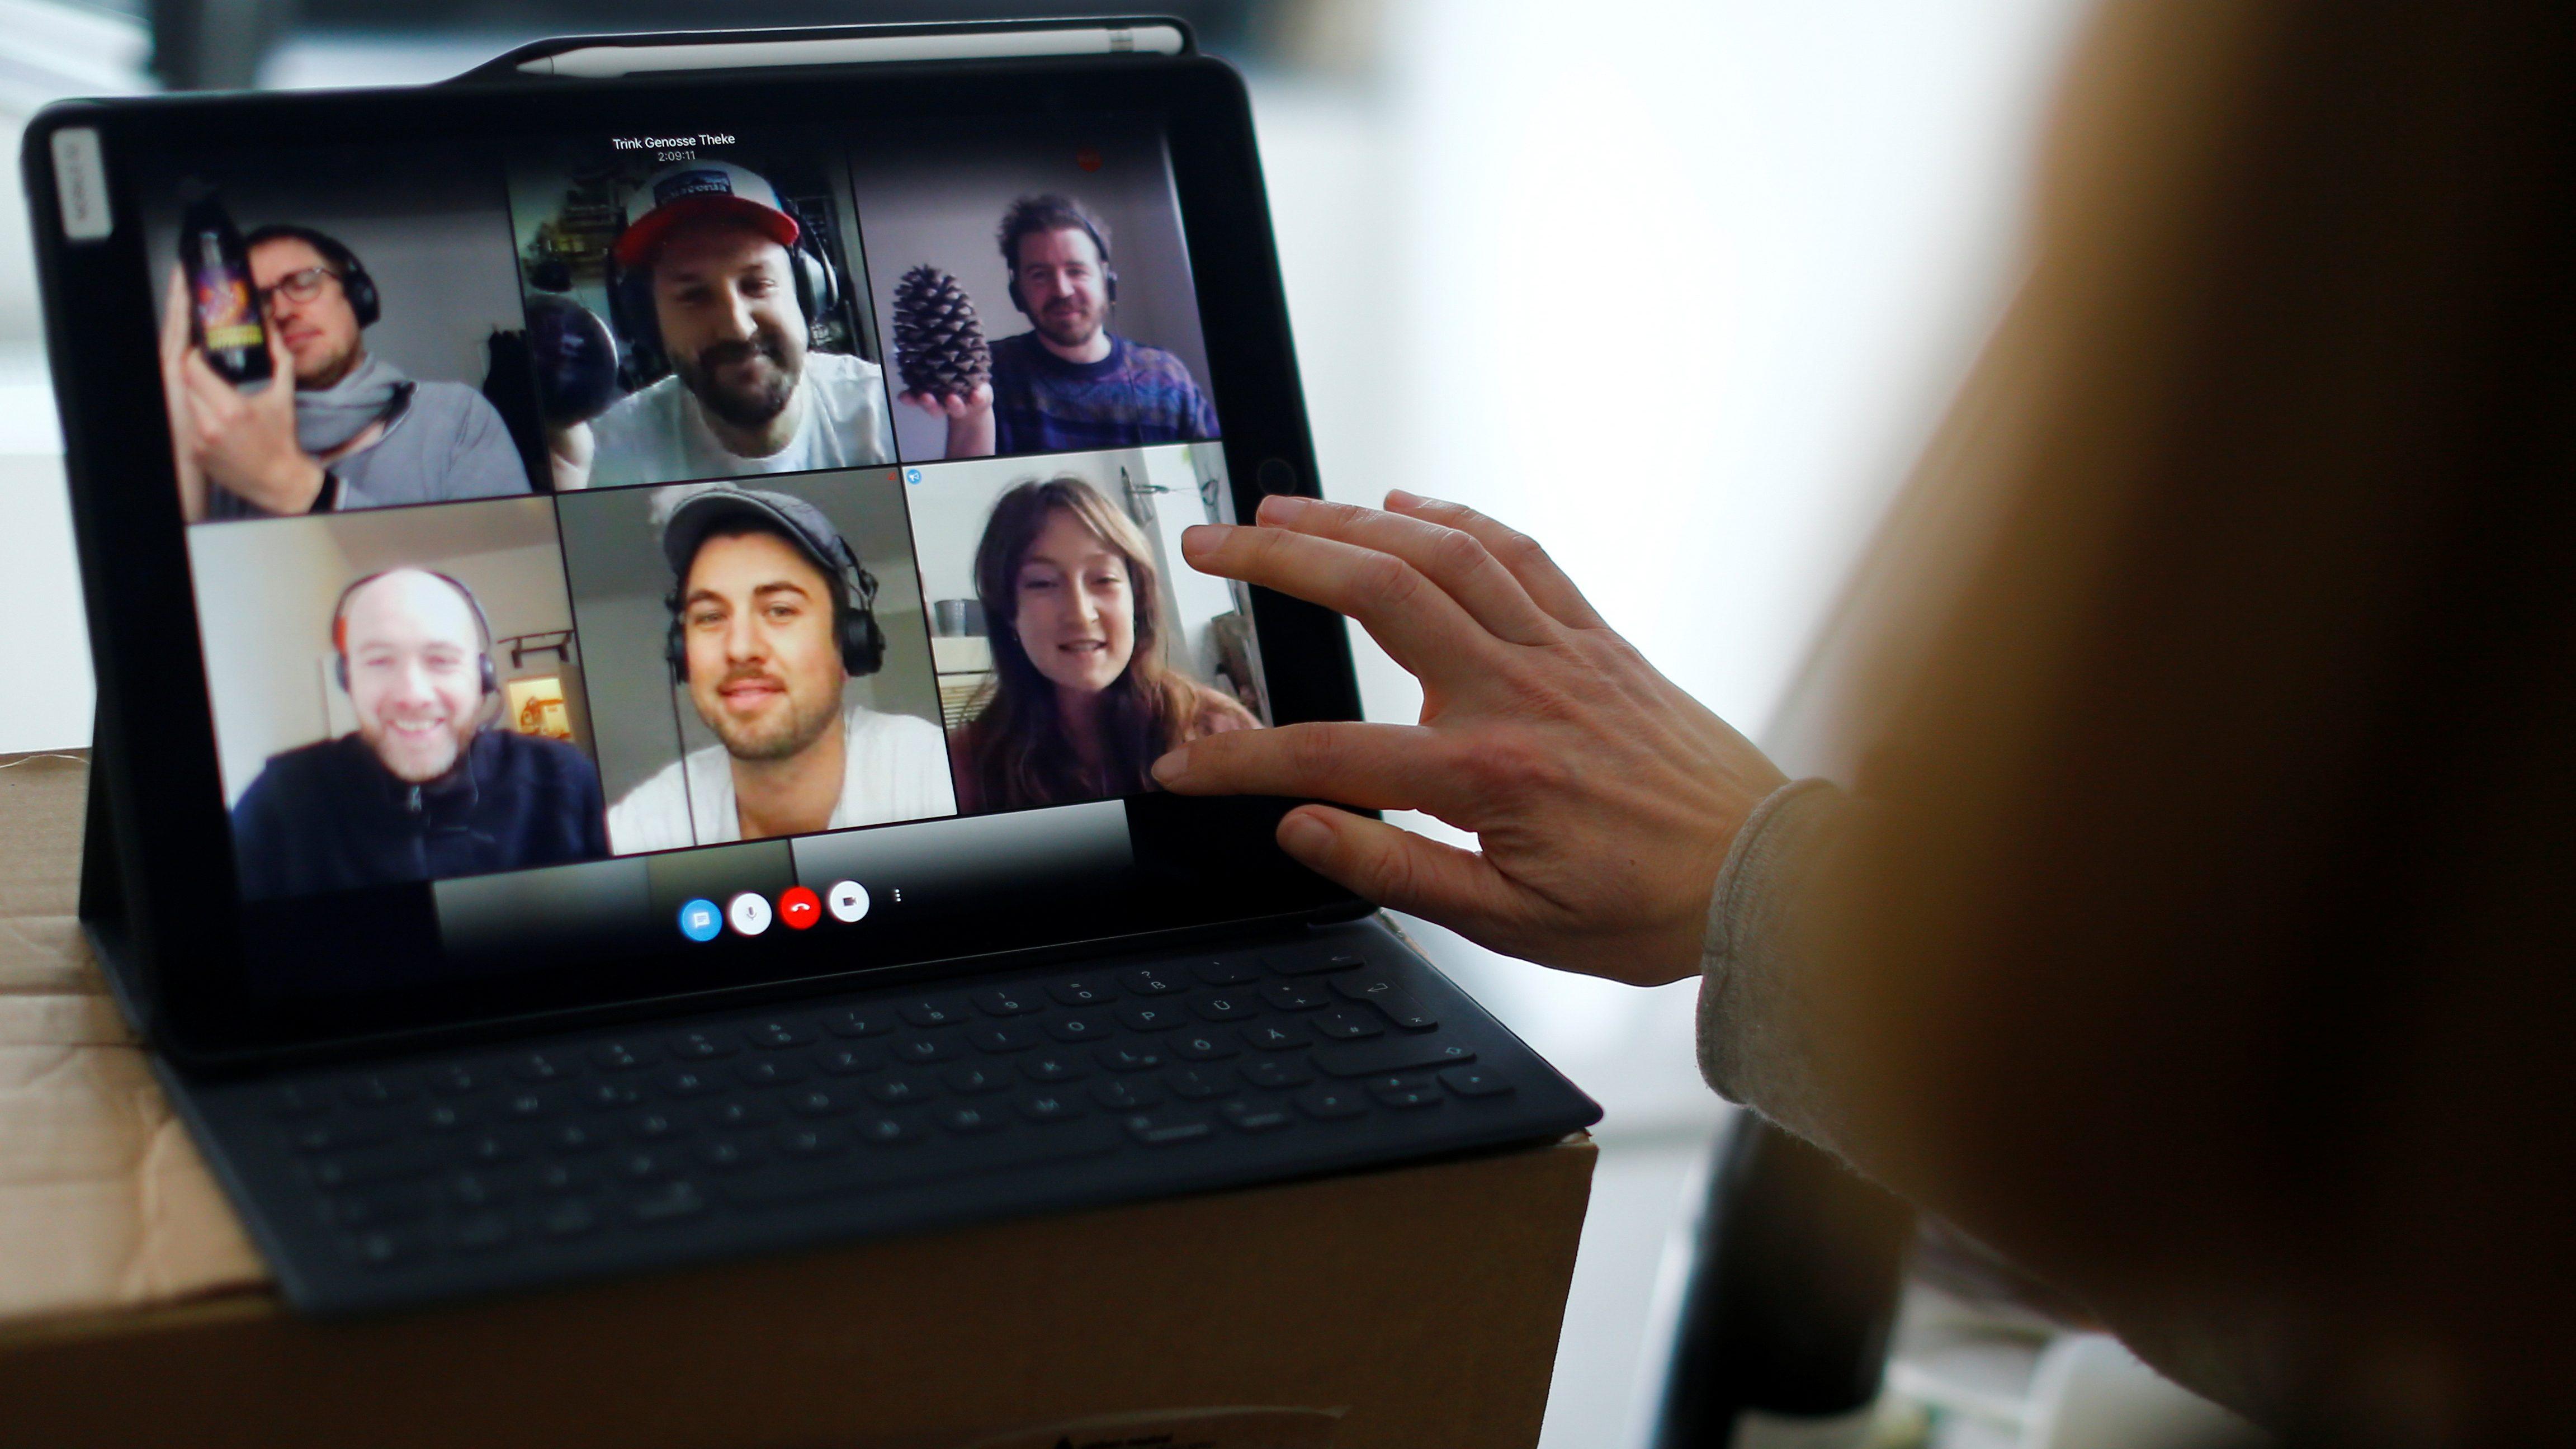 Photo of a video team meeting at a virtual bar